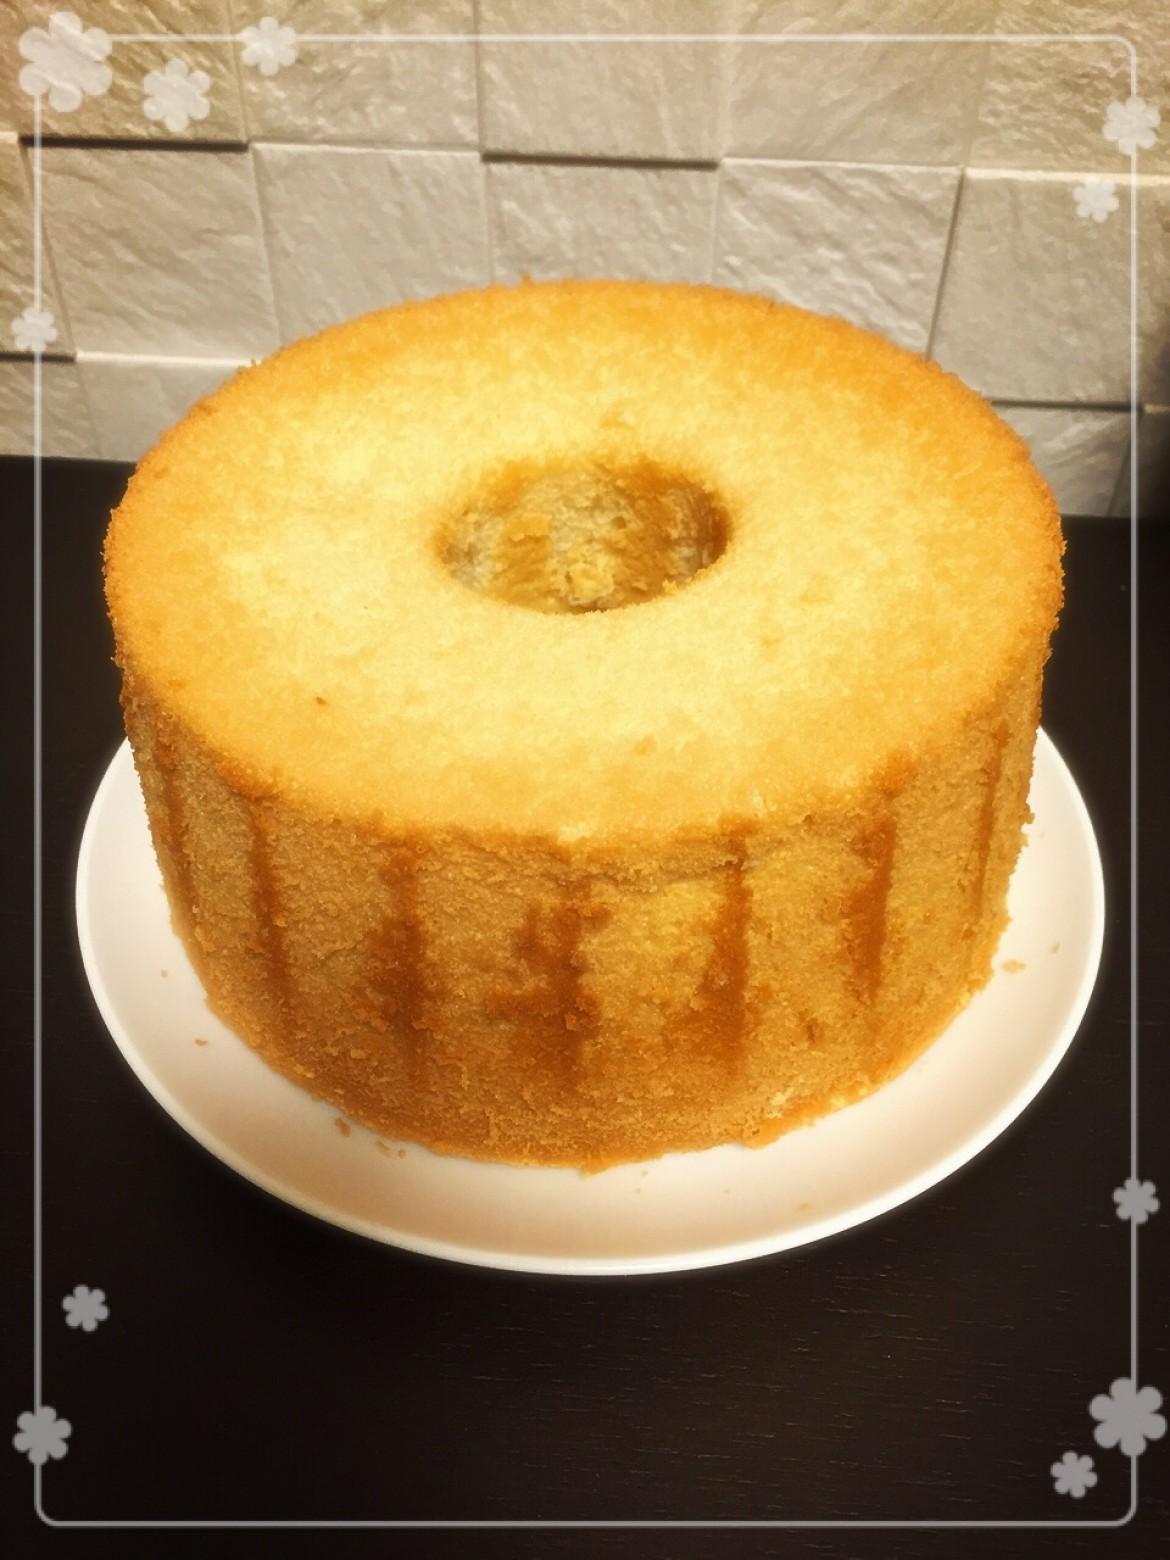 お教室ご参加の方から、シフォンケーキのお写真を頂戴いたしました!